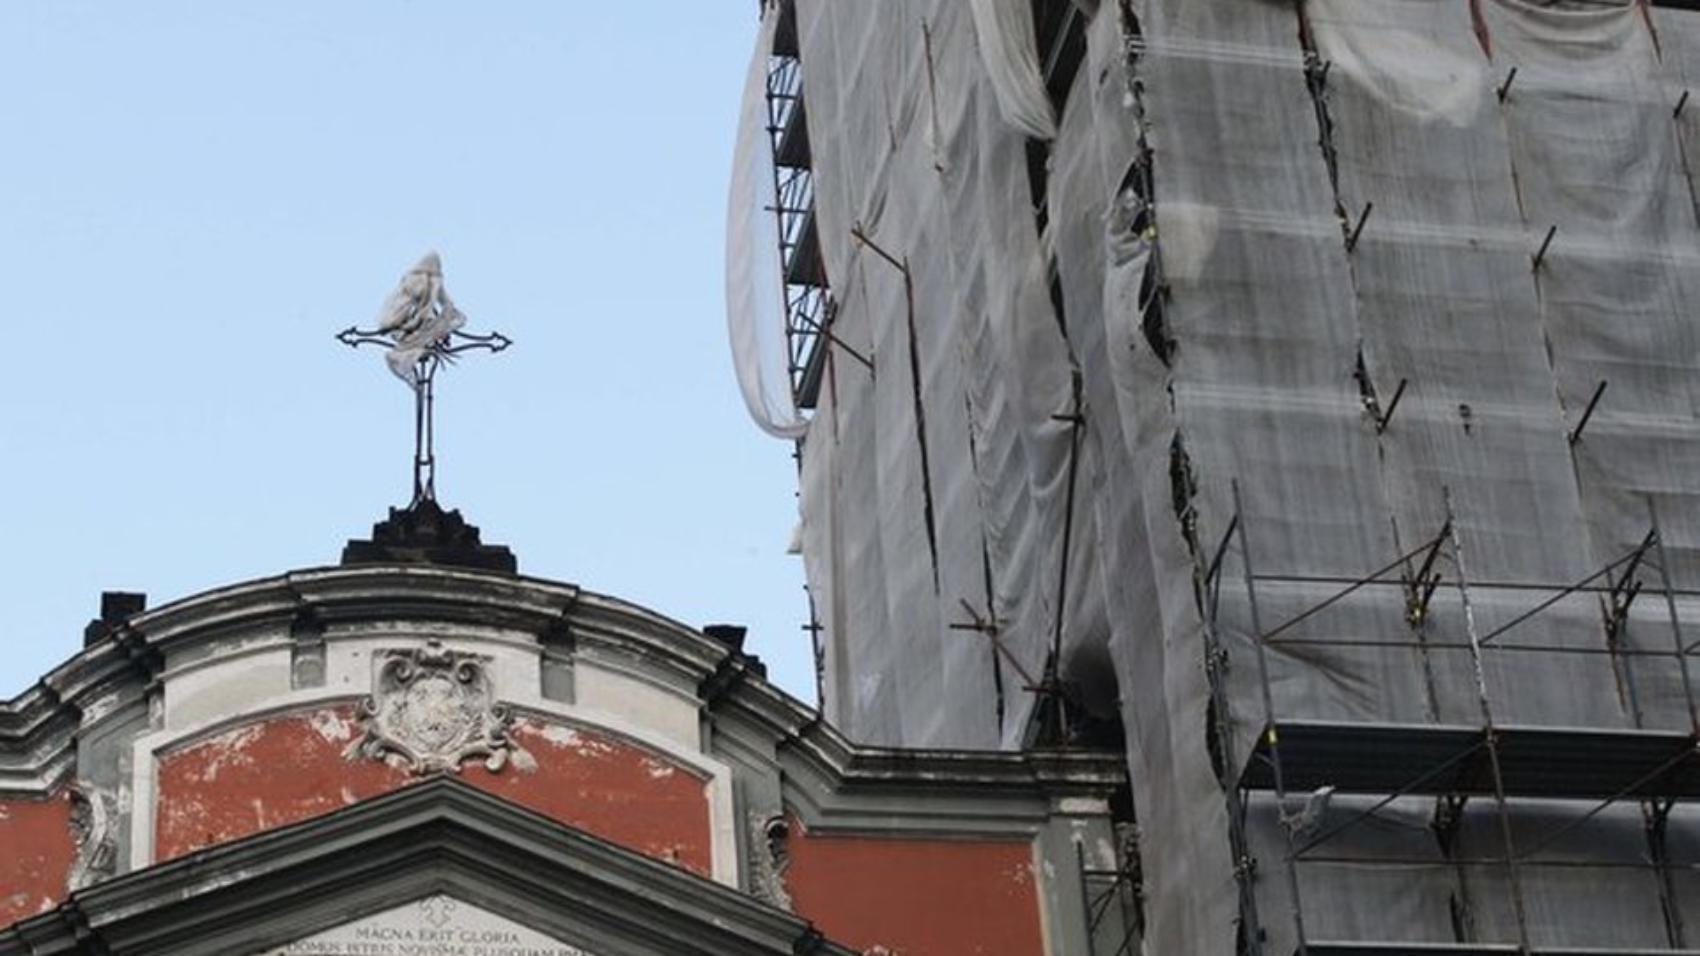 campanile-carmine-impacchettato